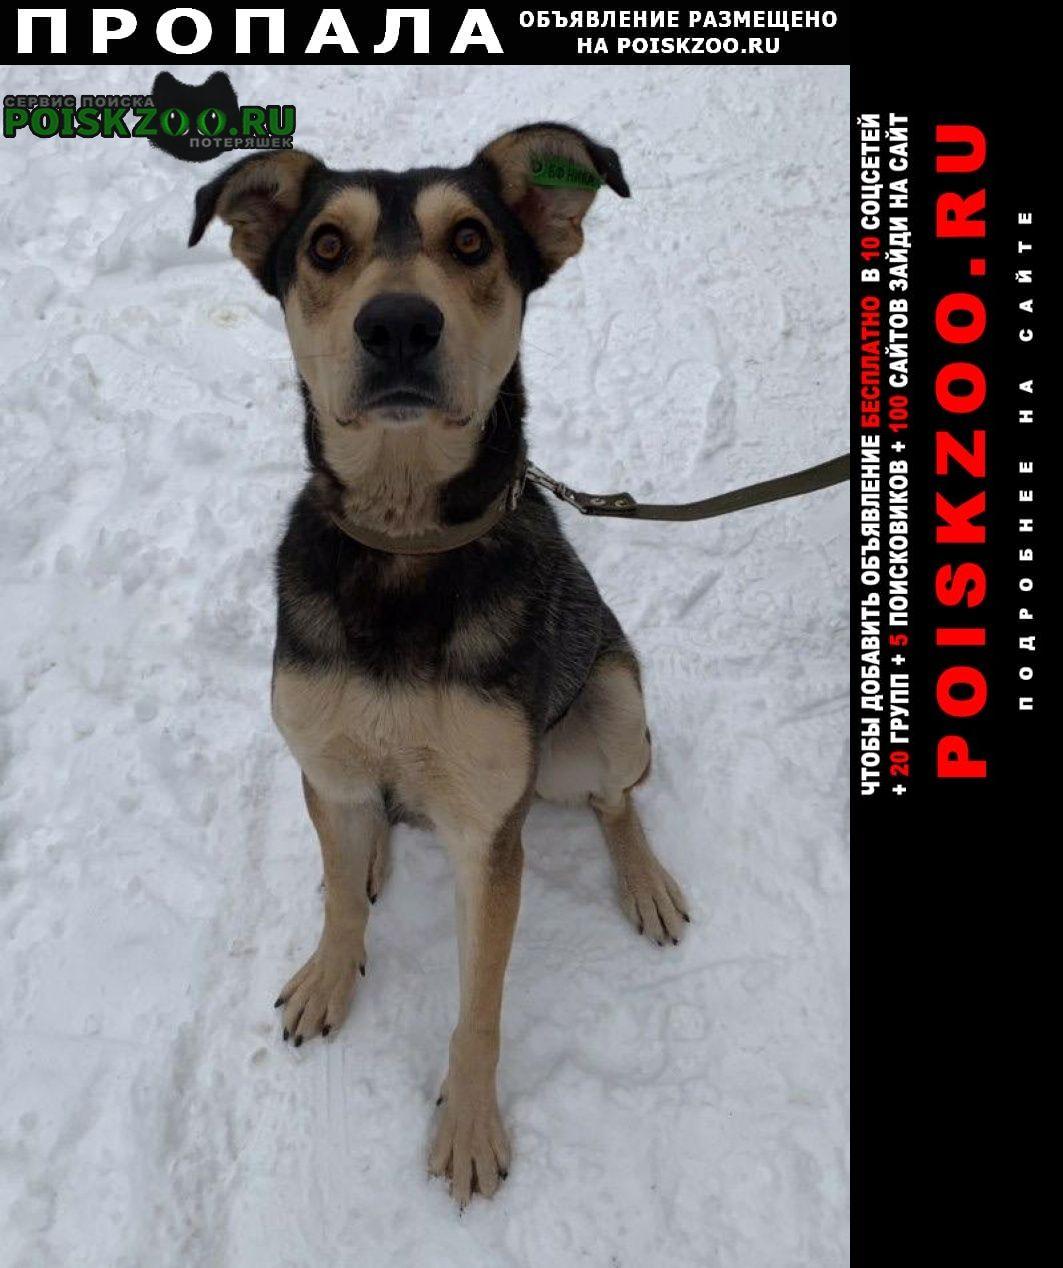 Пропала собака помогите найти пса Красногорск